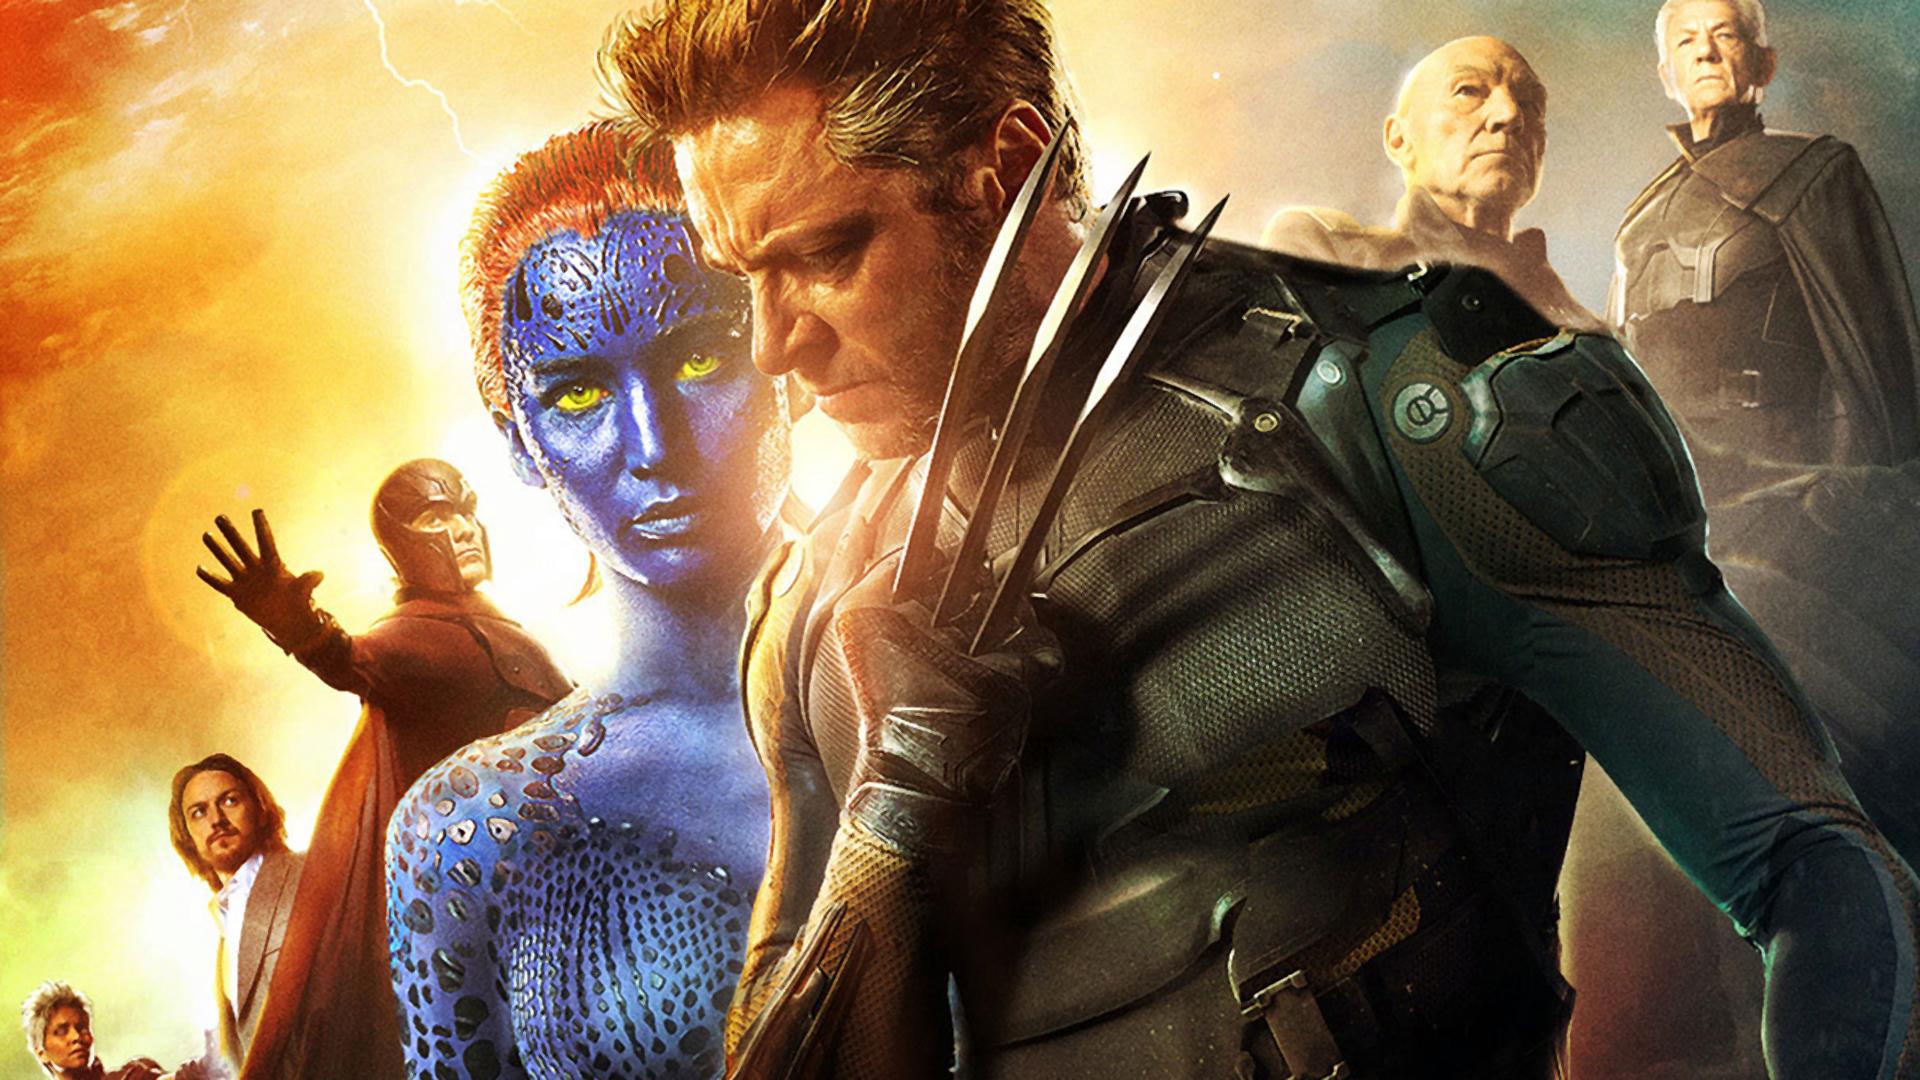 X-Men Days of Future Past Movie 4e Wallpaper HD